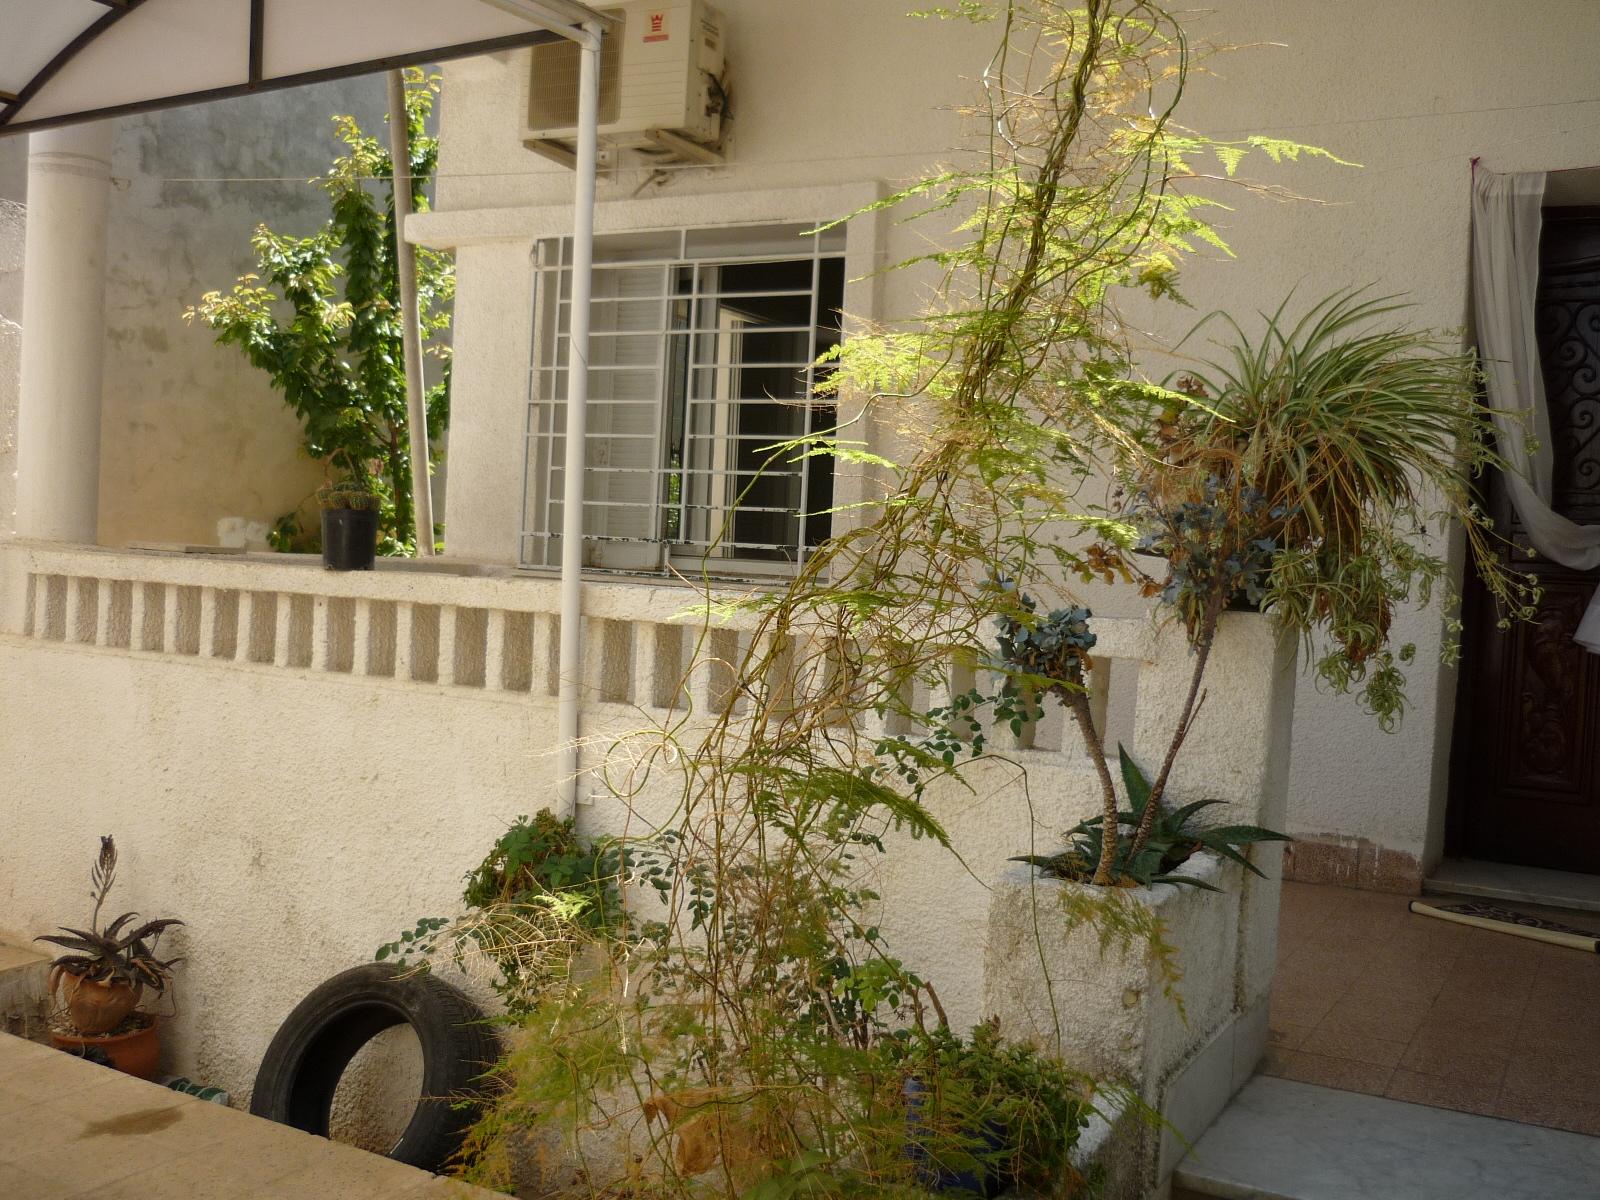 Villa au bardo – tunis - tunisie